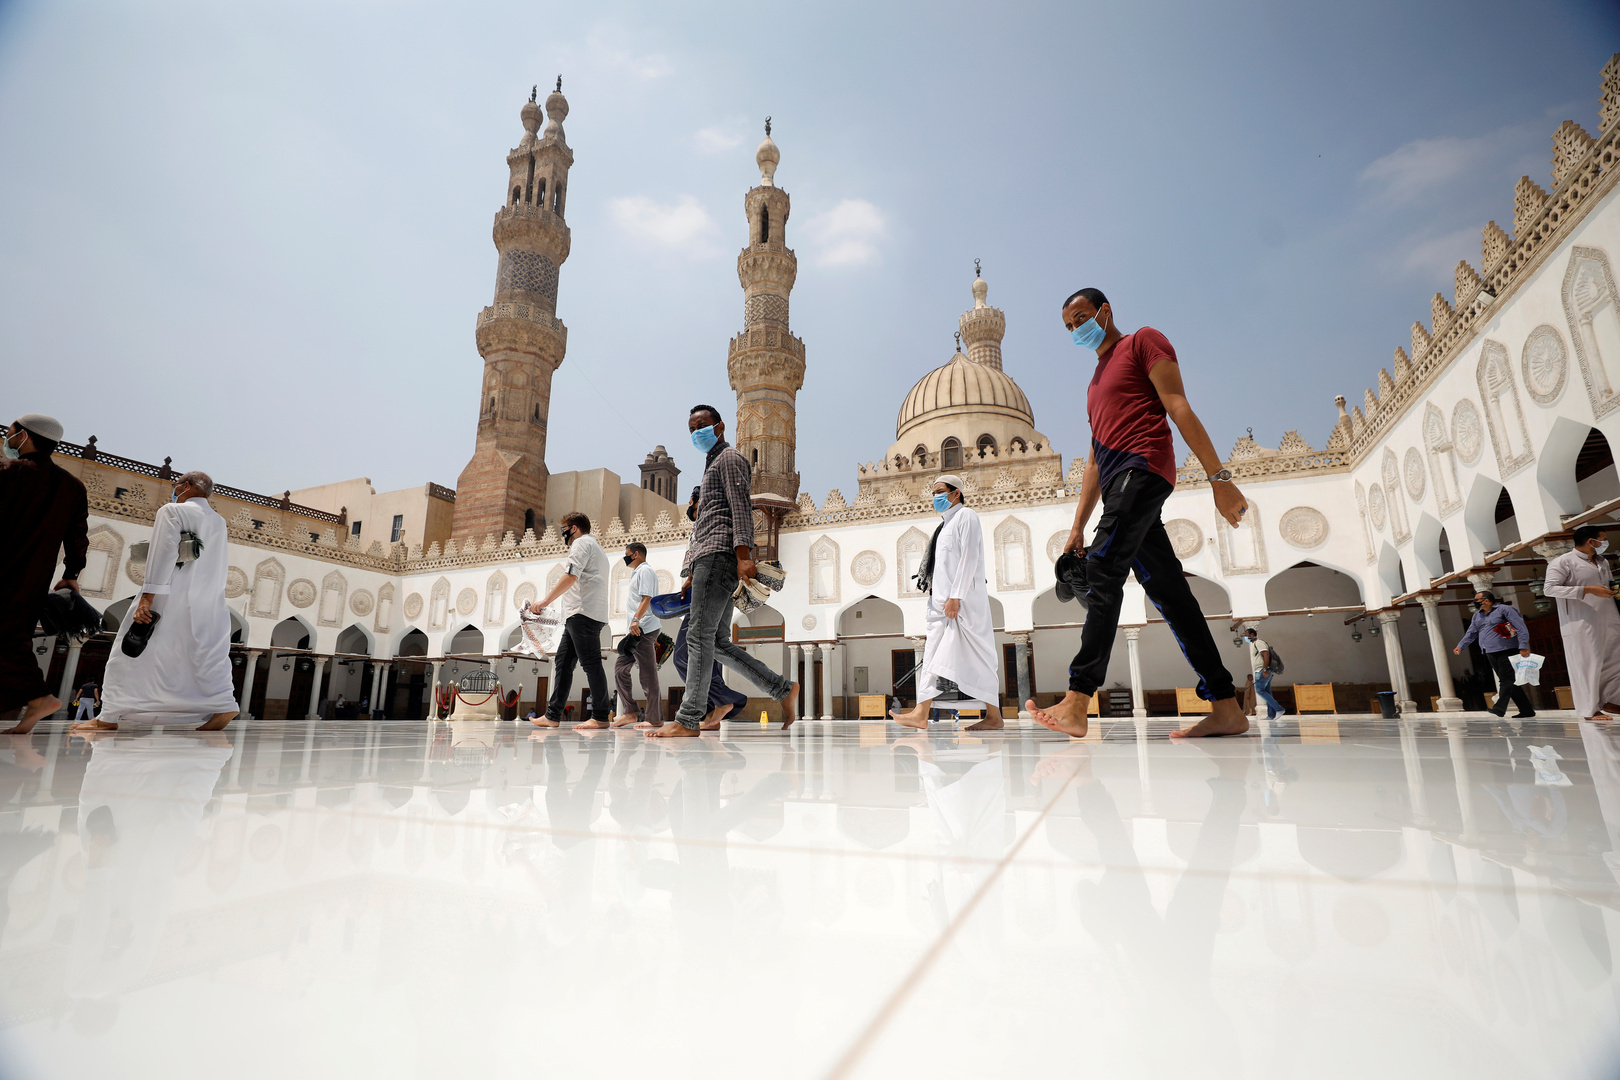 مصر.. الأوقاف تصدر قرارا بشأن المسجد المغلق أول أيام رمضان والإمام الموقوف